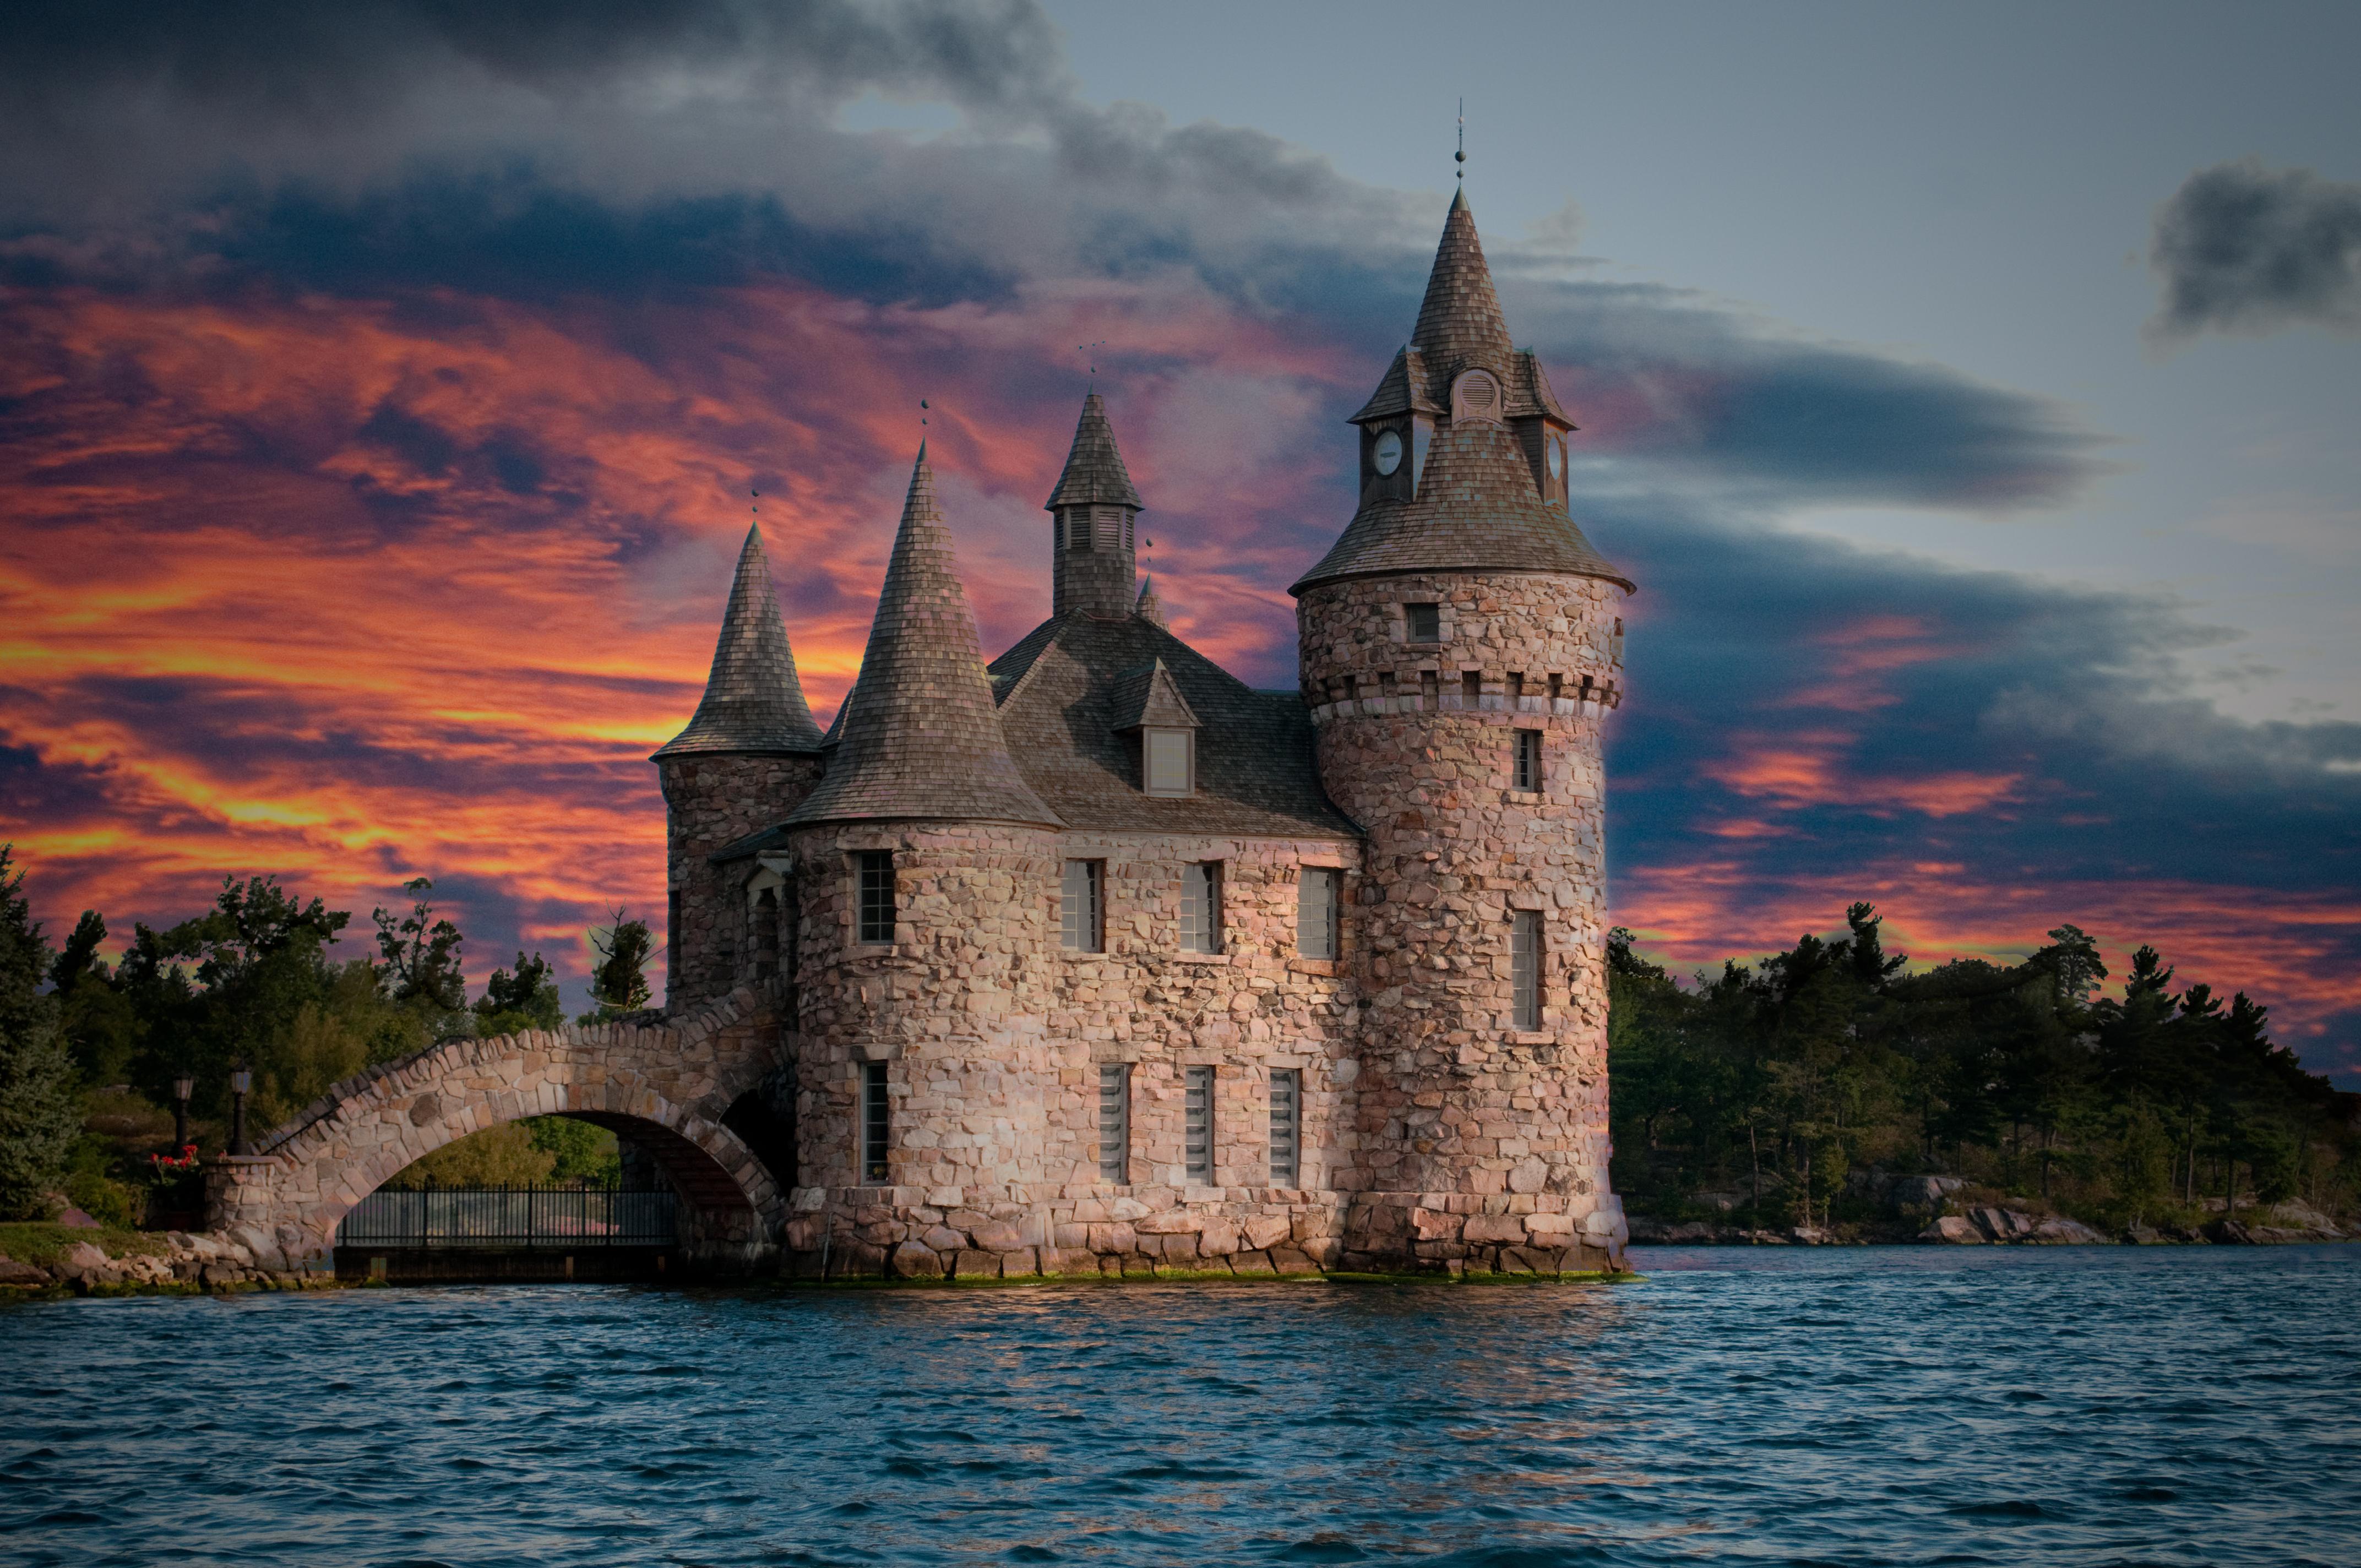 С догом в замке 14 фотография